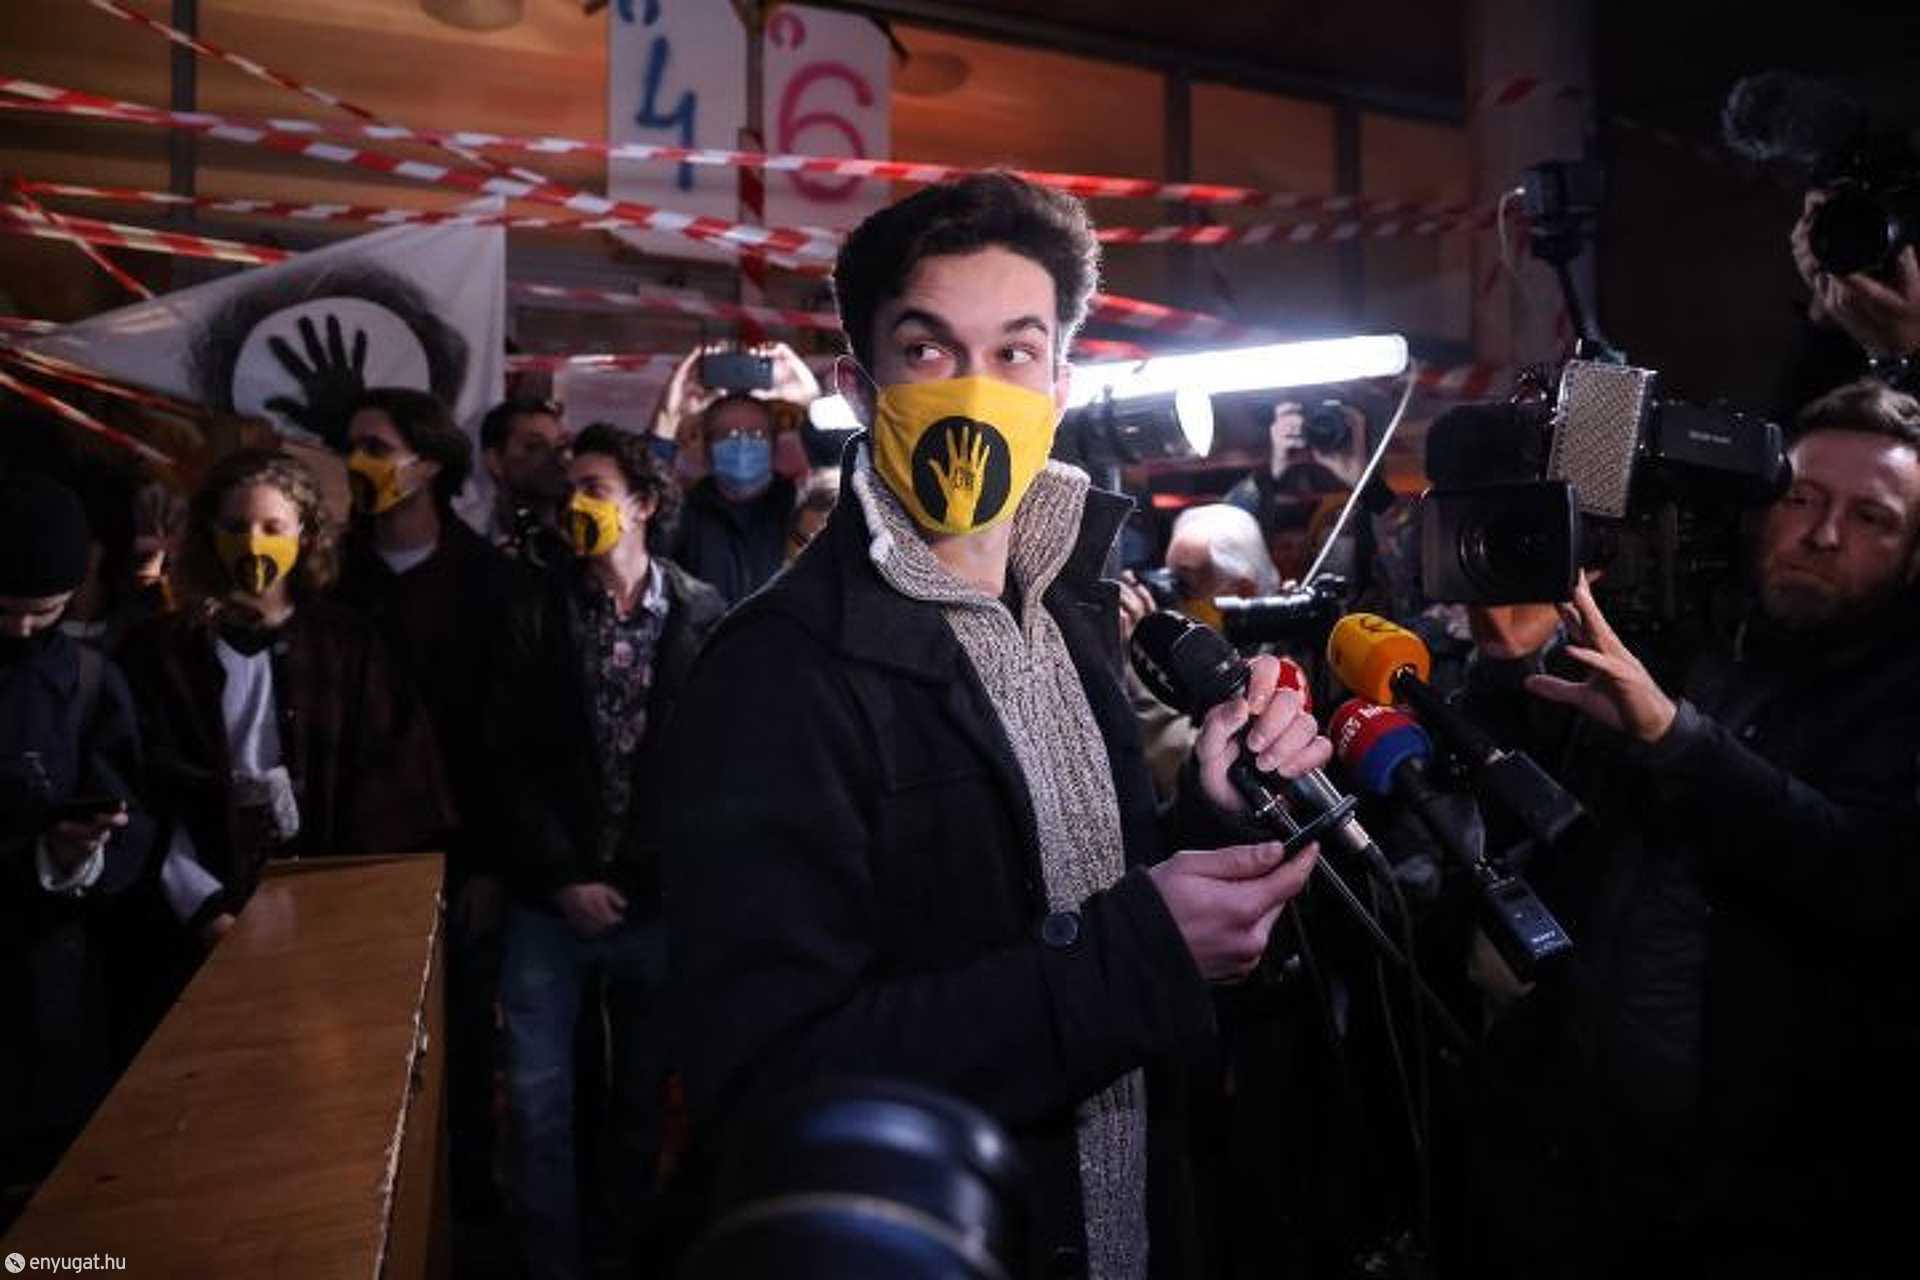 A sajtótájékoztatón a diákok elmondták: nem távoznak, és jogellenesnek tartják a kiürítést.